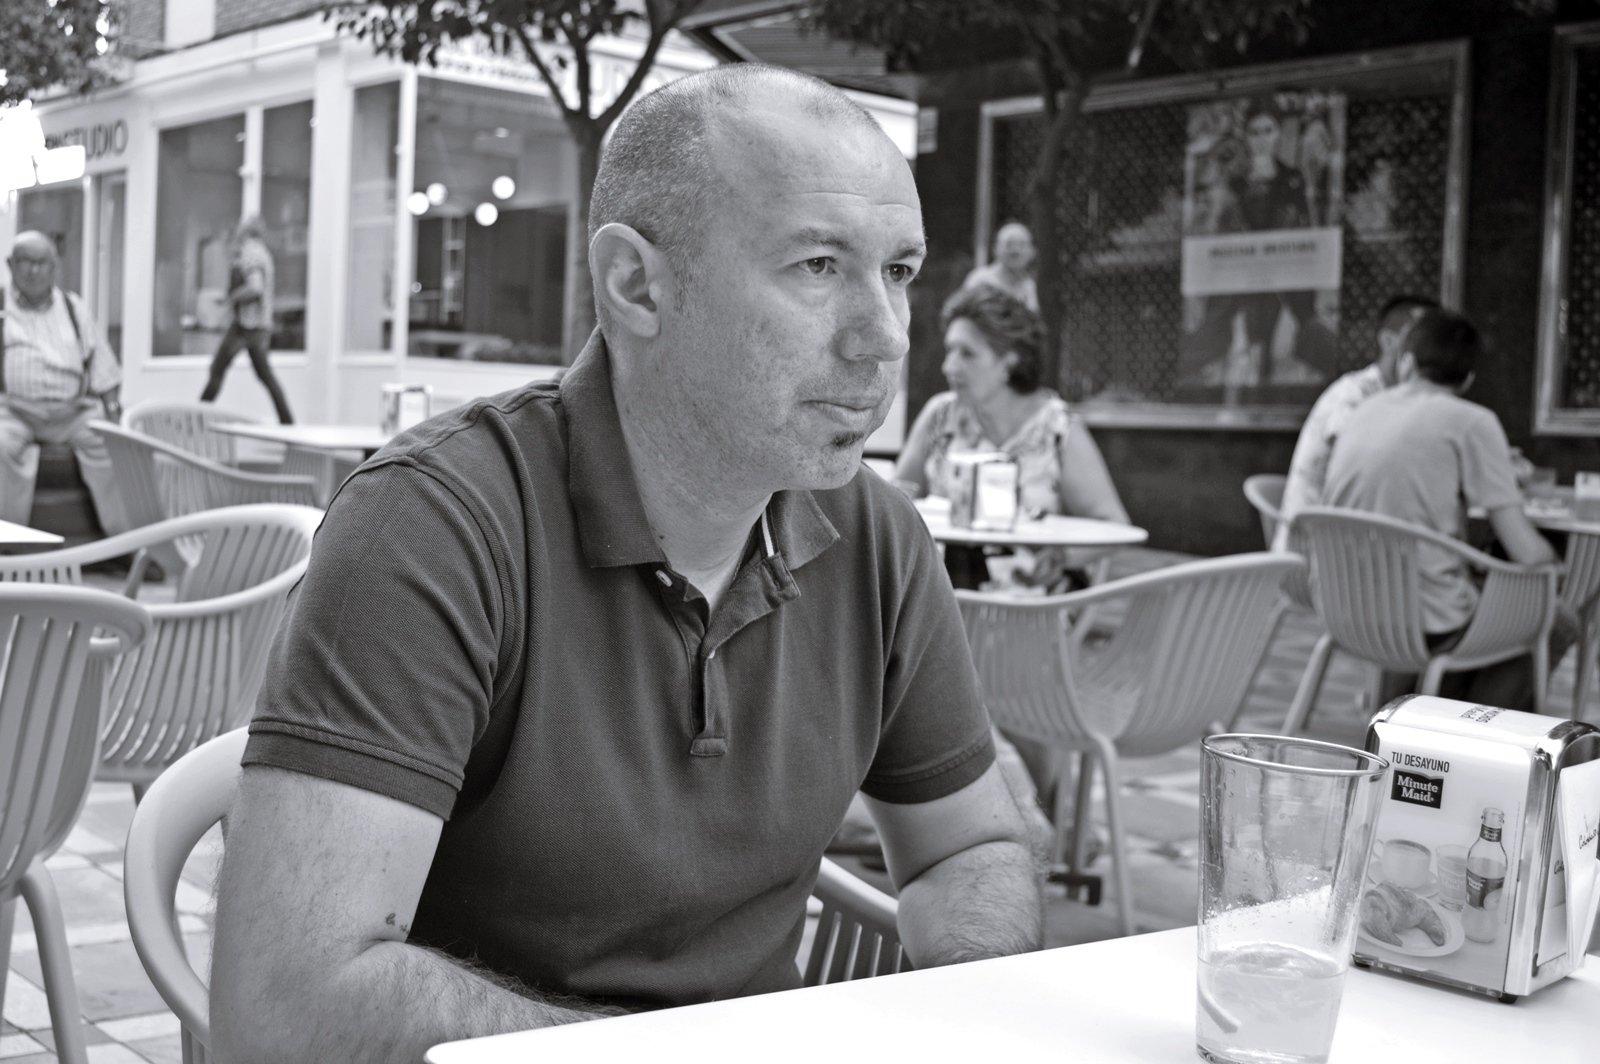 El entrenador del Jaén Paraíso Interior, durante la entrevista.